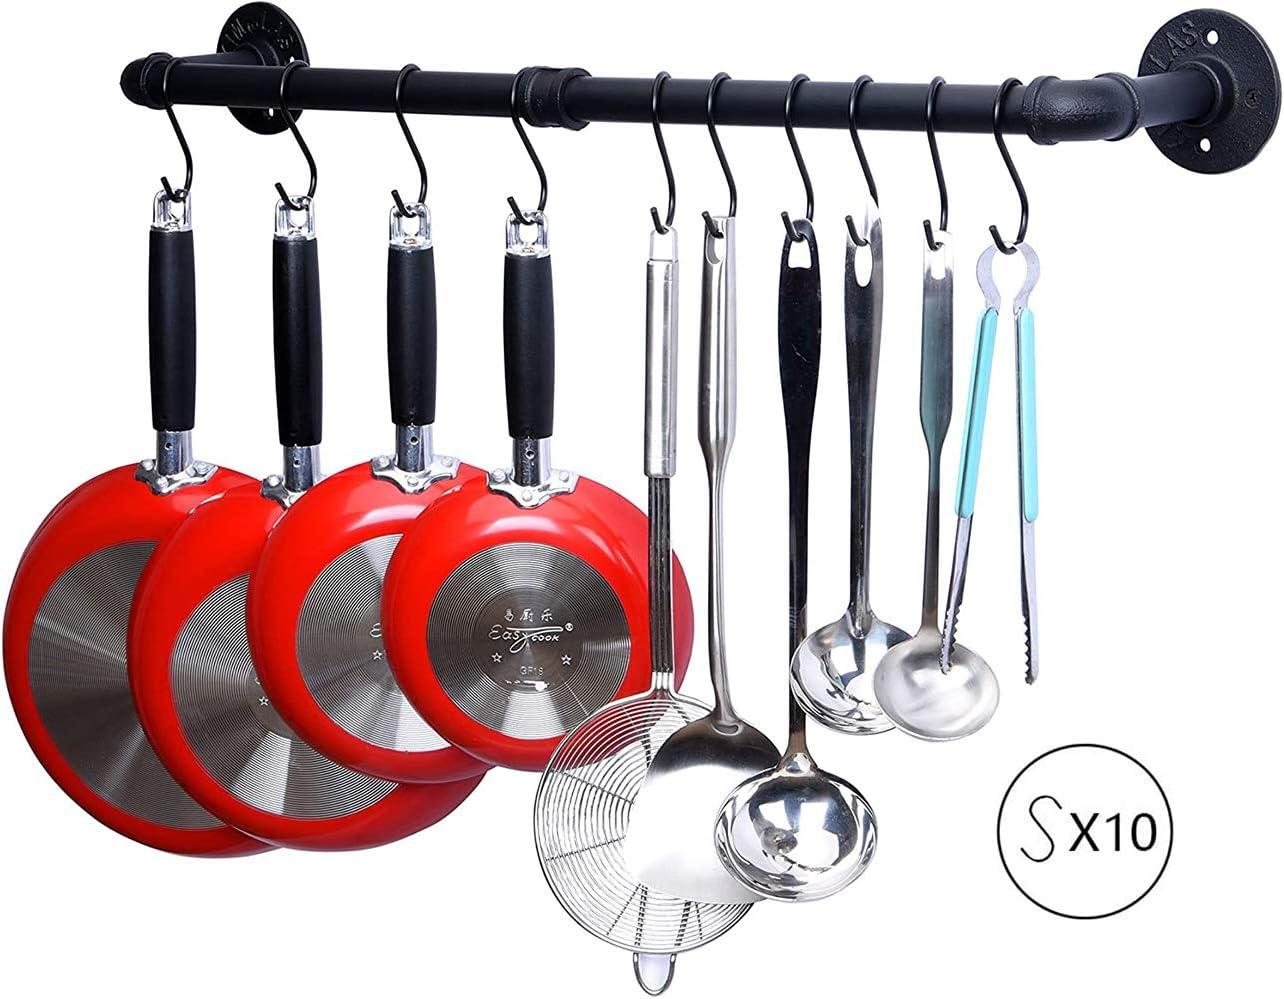 con tapa de olla y esp/átula para colgar Soporte de pared para utensilios de cocina con 10 ganchos organizador de ollas y sartenes para colgar